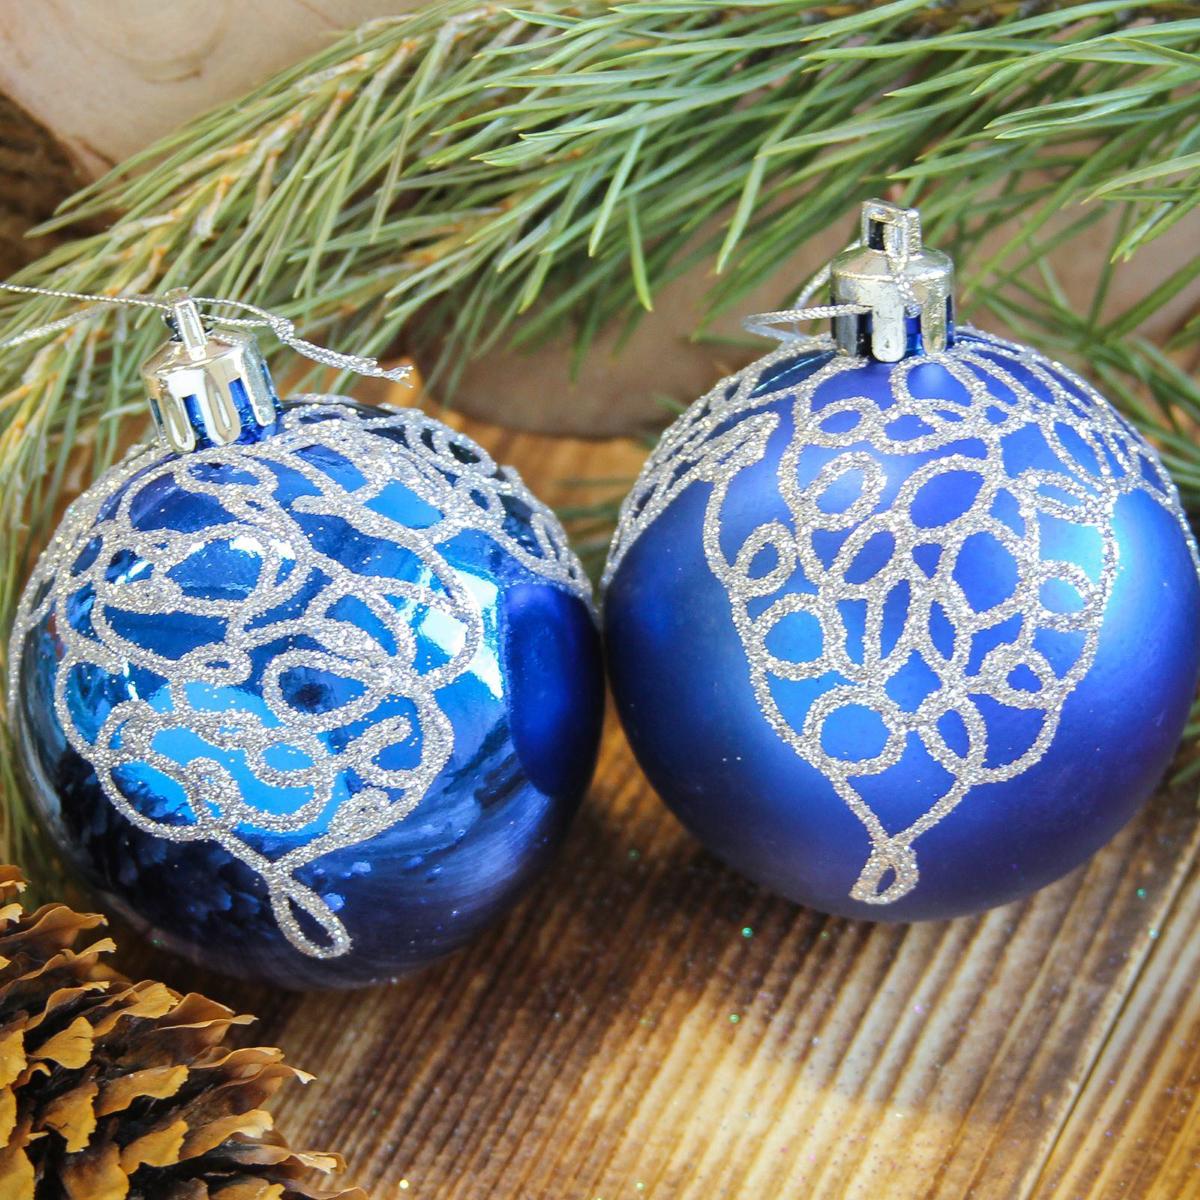 Набор новогодних подвесных украшений Sima-land Кружева, цвет: синий, диаметр 8 см, 6 шт2122974Набор новогодних подвесных украшений Sima-land отлично подойдет для декорации вашего дома и новогодней ели. С помощью специальной петельки украшение можно повесить в любом понравившемся вам месте. Но, конечно, удачнее всего оно будет смотреться на праздничной елке. Елочная игрушка - символ Нового года. Она несет в себе волшебство и красоту праздника. Создайте в своем доме атмосферу веселья и радости, украшая новогоднюю елку нарядными игрушками, которые будут из года в год накапливать теплоту воспоминаний.